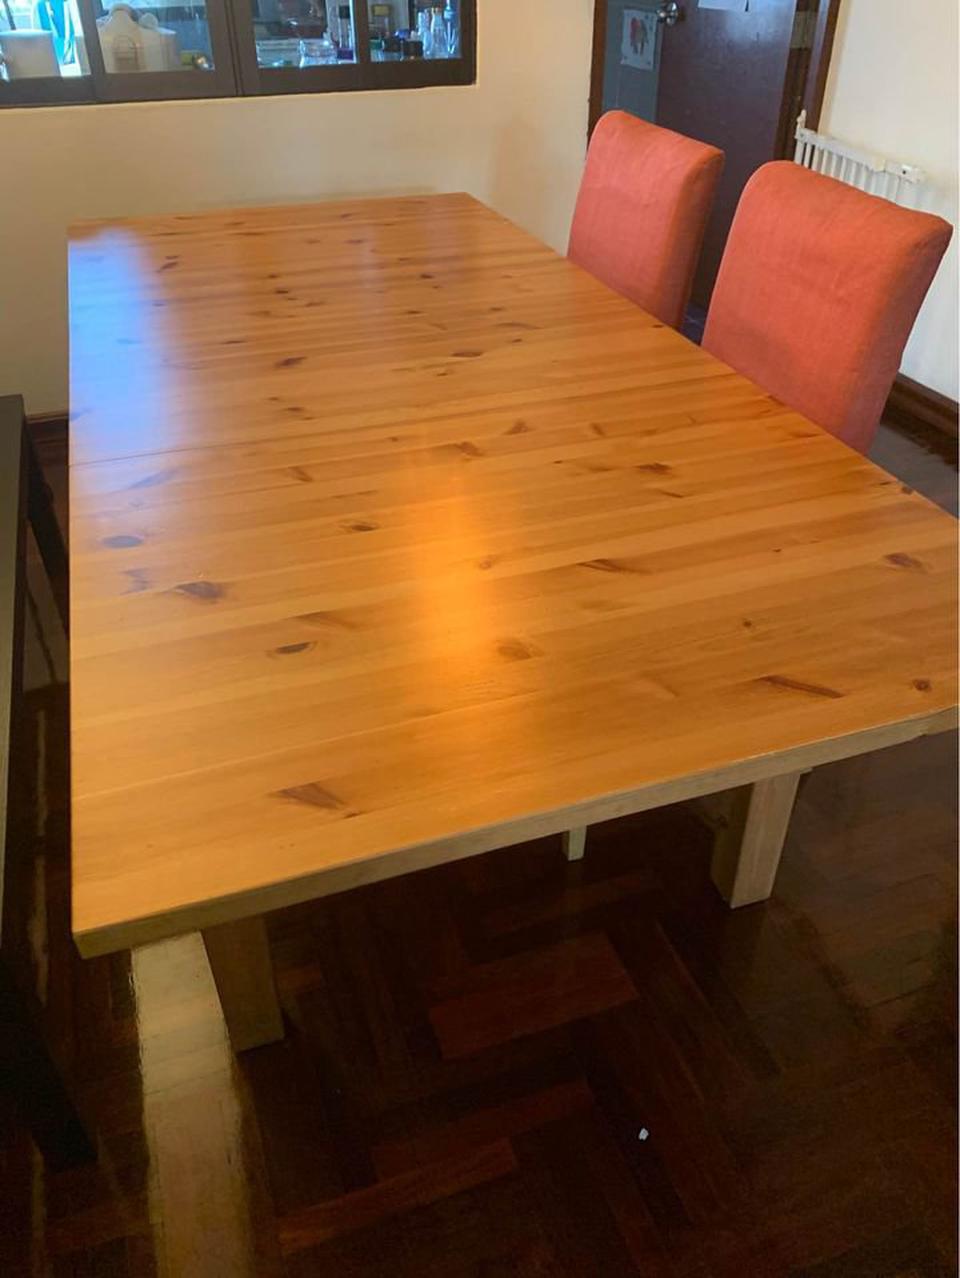 ขายด่วน!!! โต๊ะ ikea 6 ที่นั่ง แถมเก้าอี้ 2 ตัว  รูปที่ 1